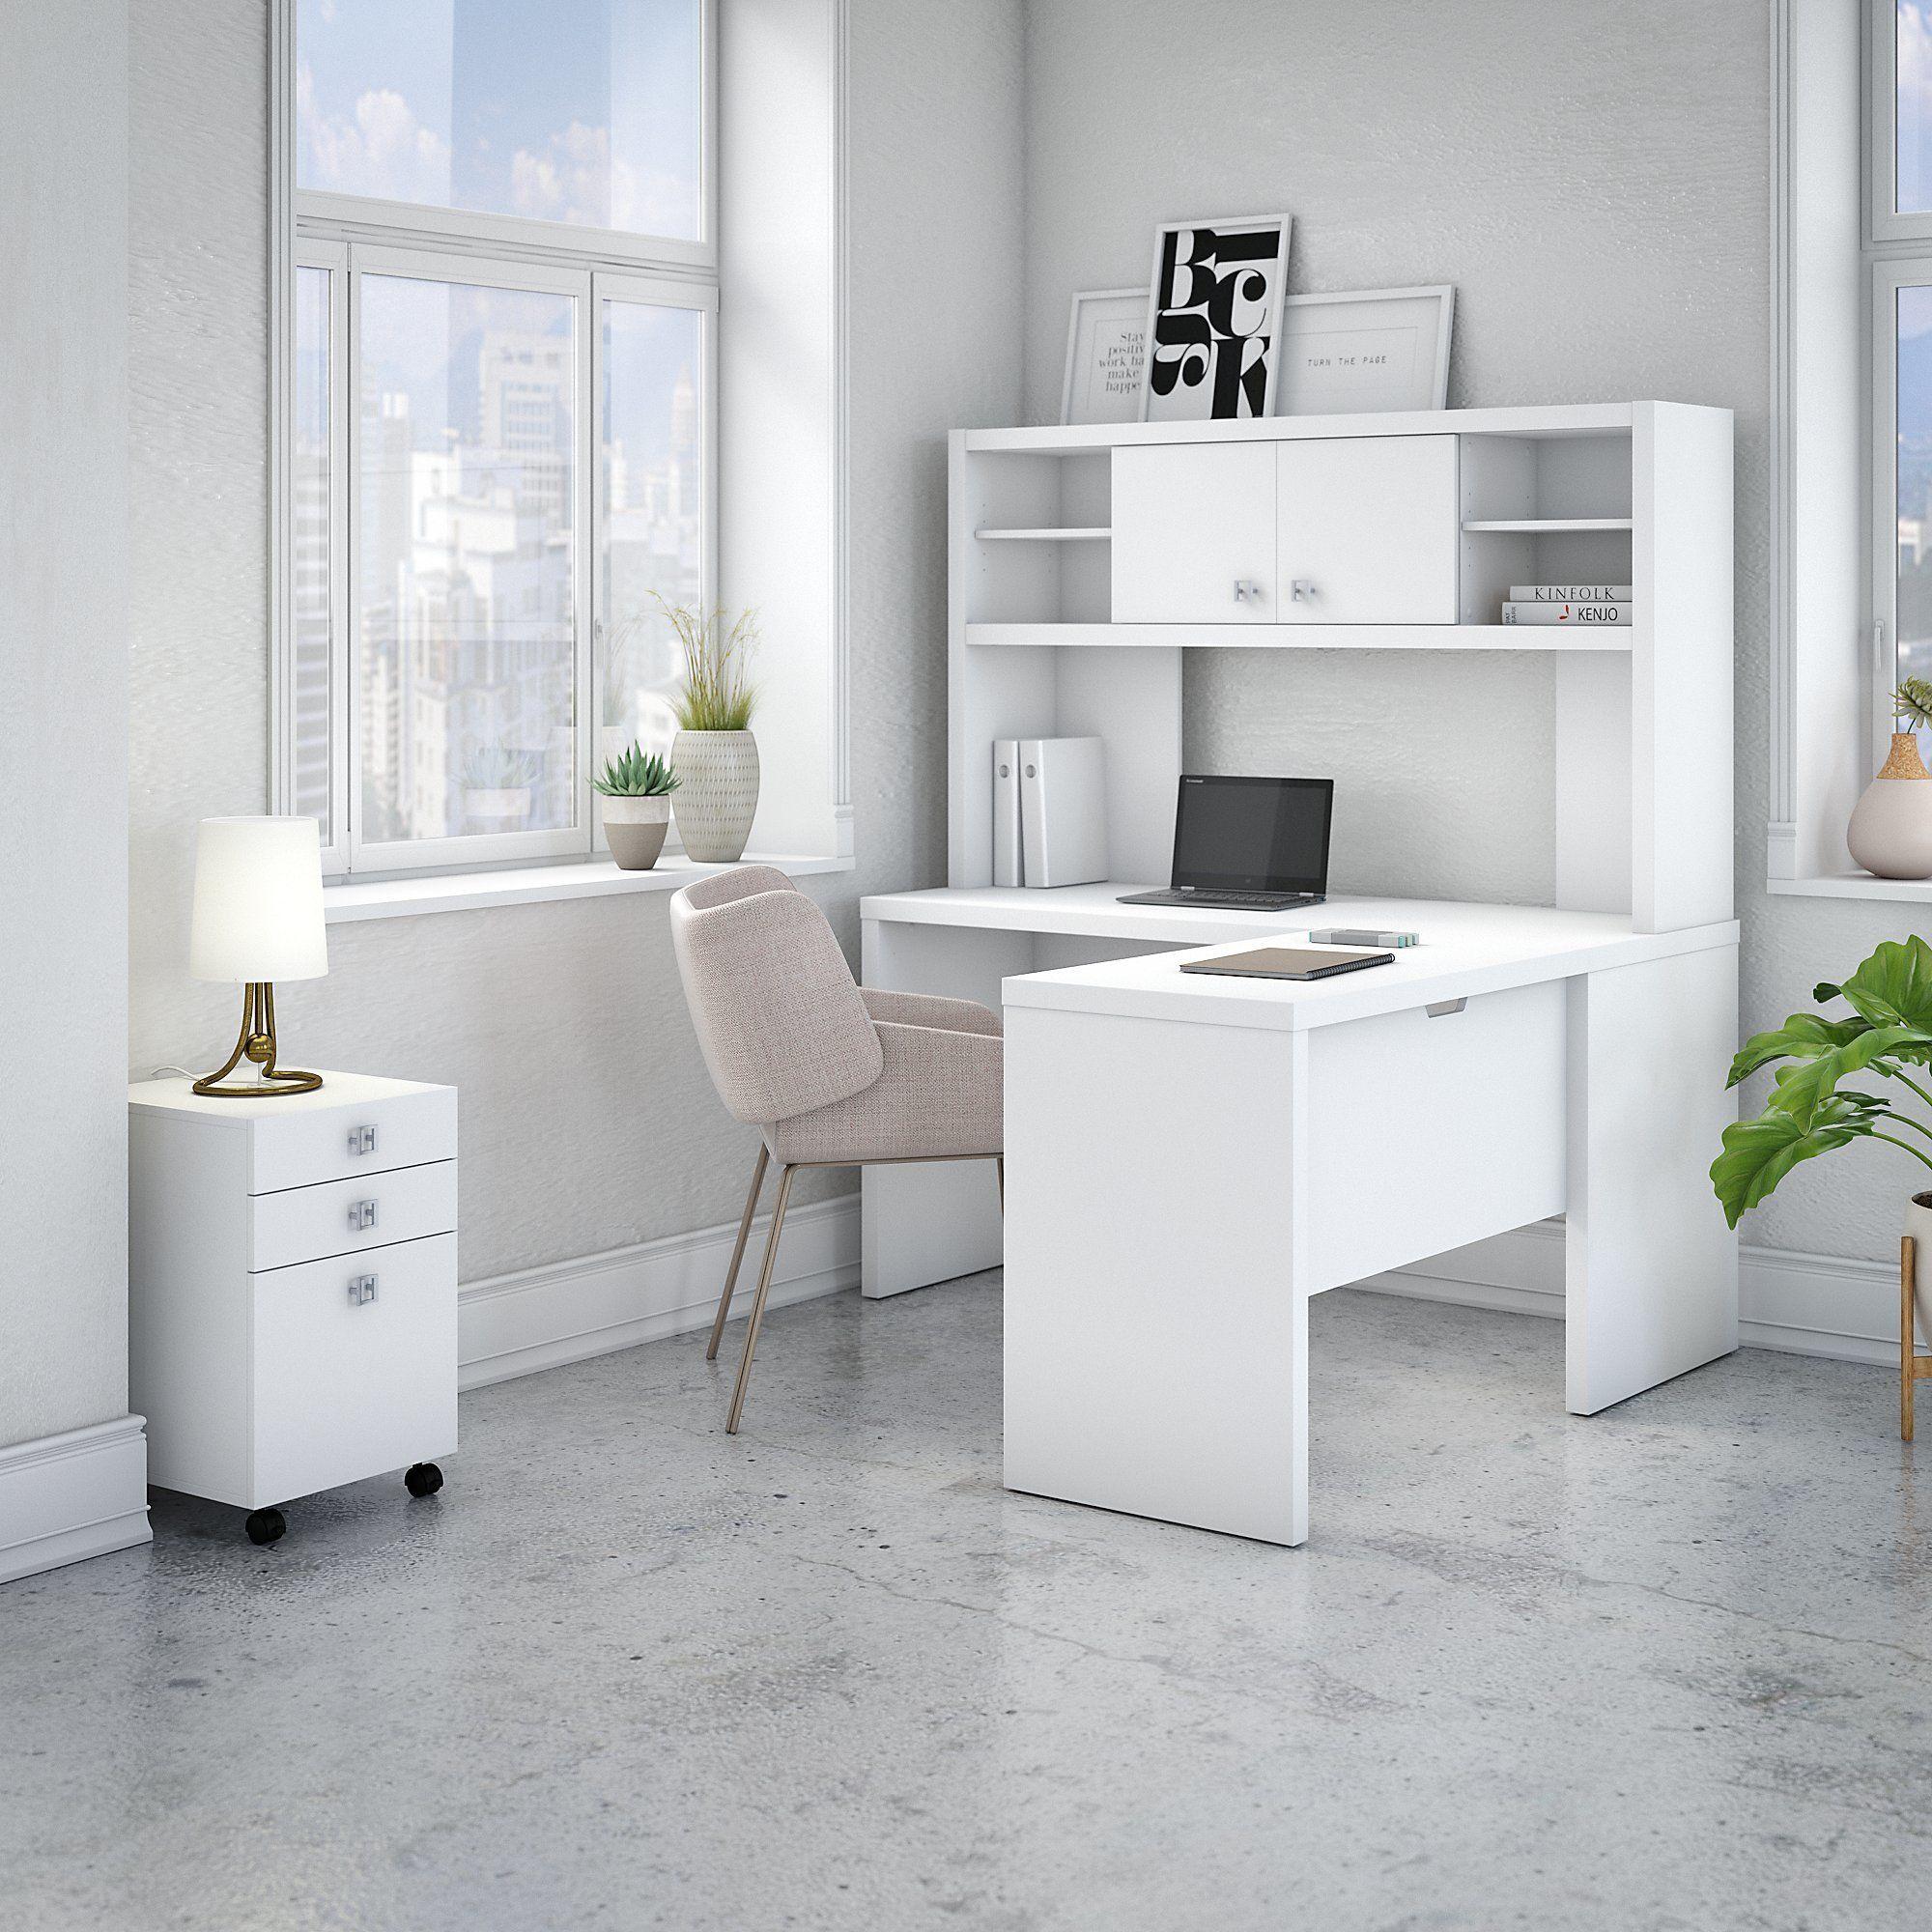 Kathy Ireland Office By Bush Echo 4 Piece L Shape Desk